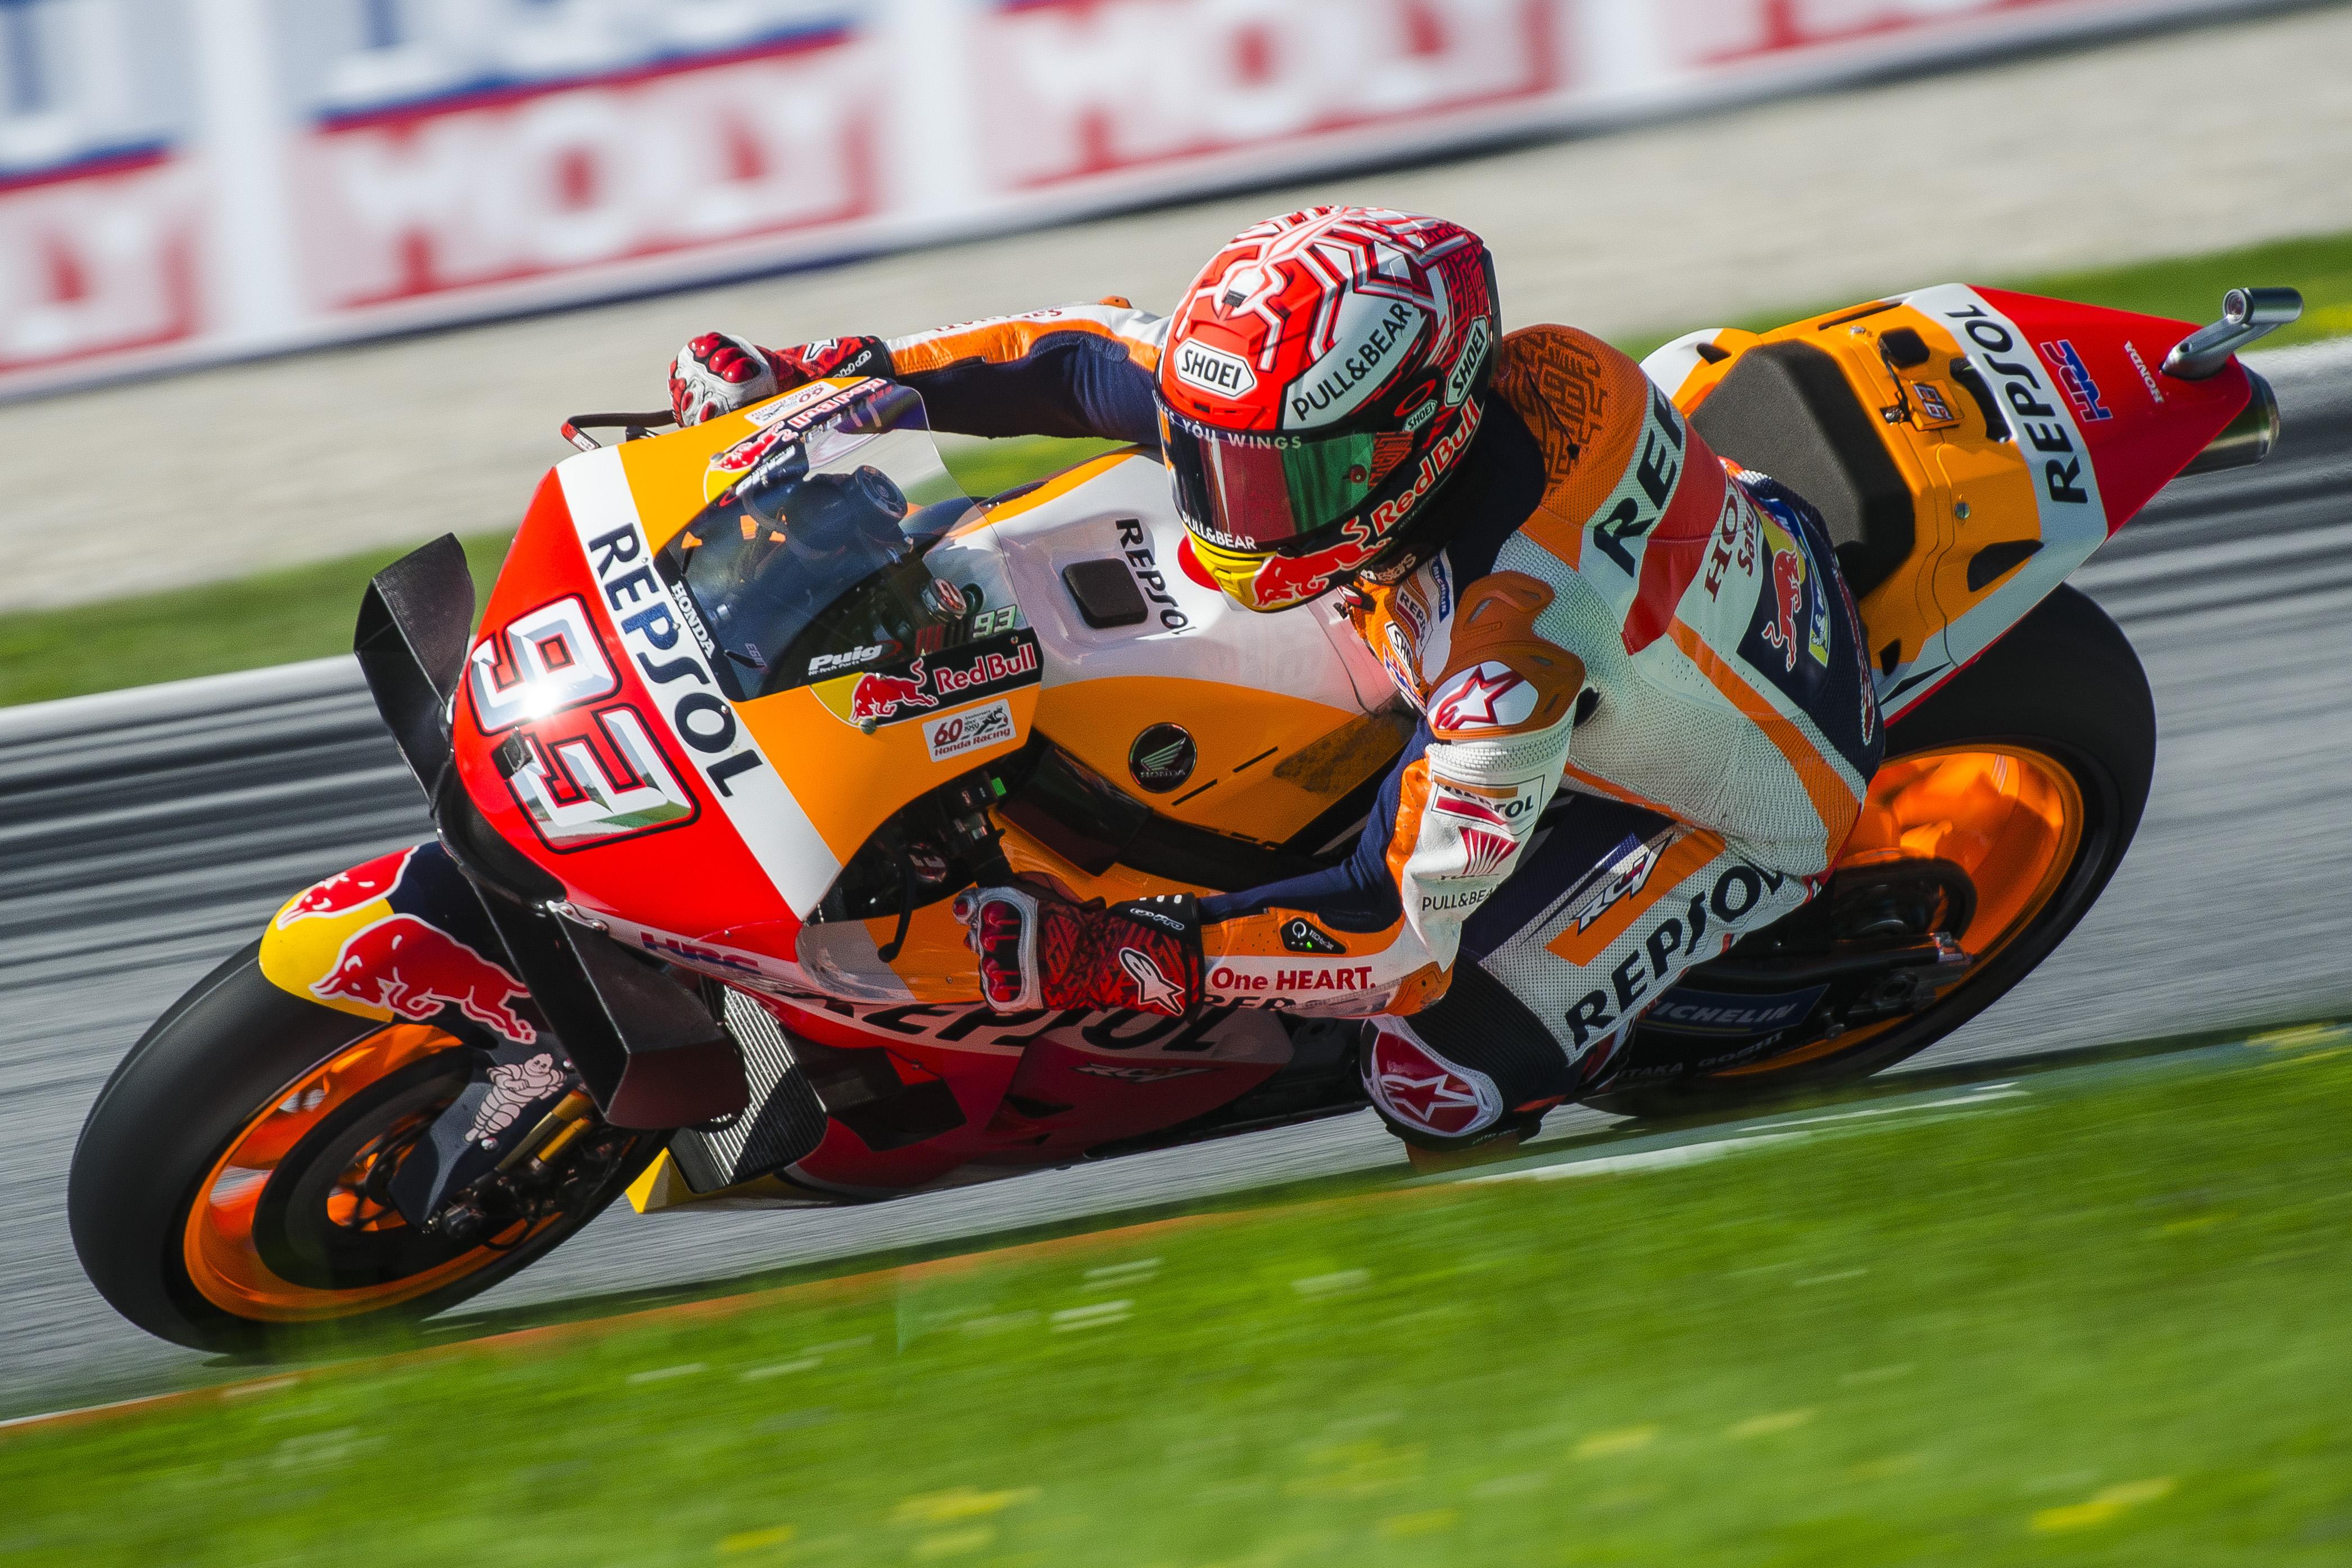 Resumen del domingo – El GP de Austria dejó un contacto que dio una victoria, y no una excusa